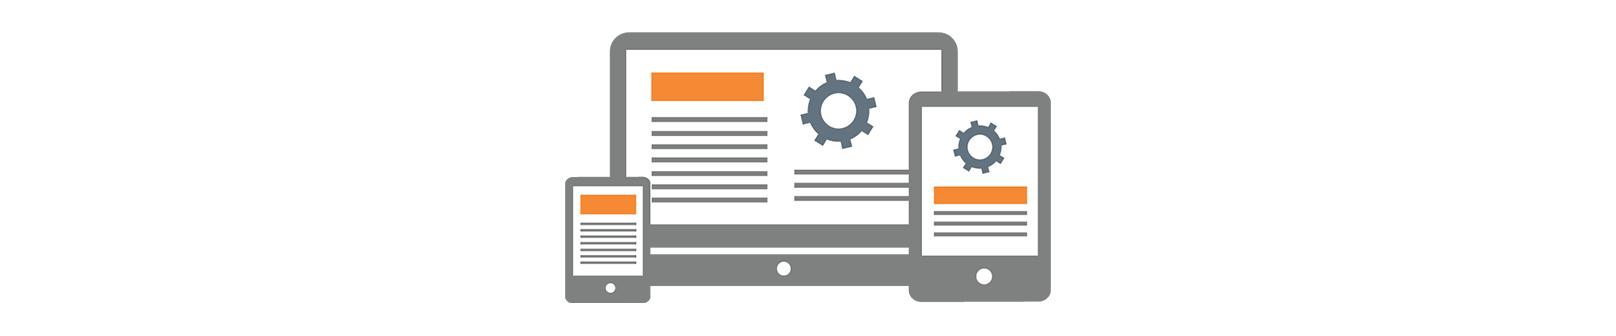 Redesign your Website the Inbound Way